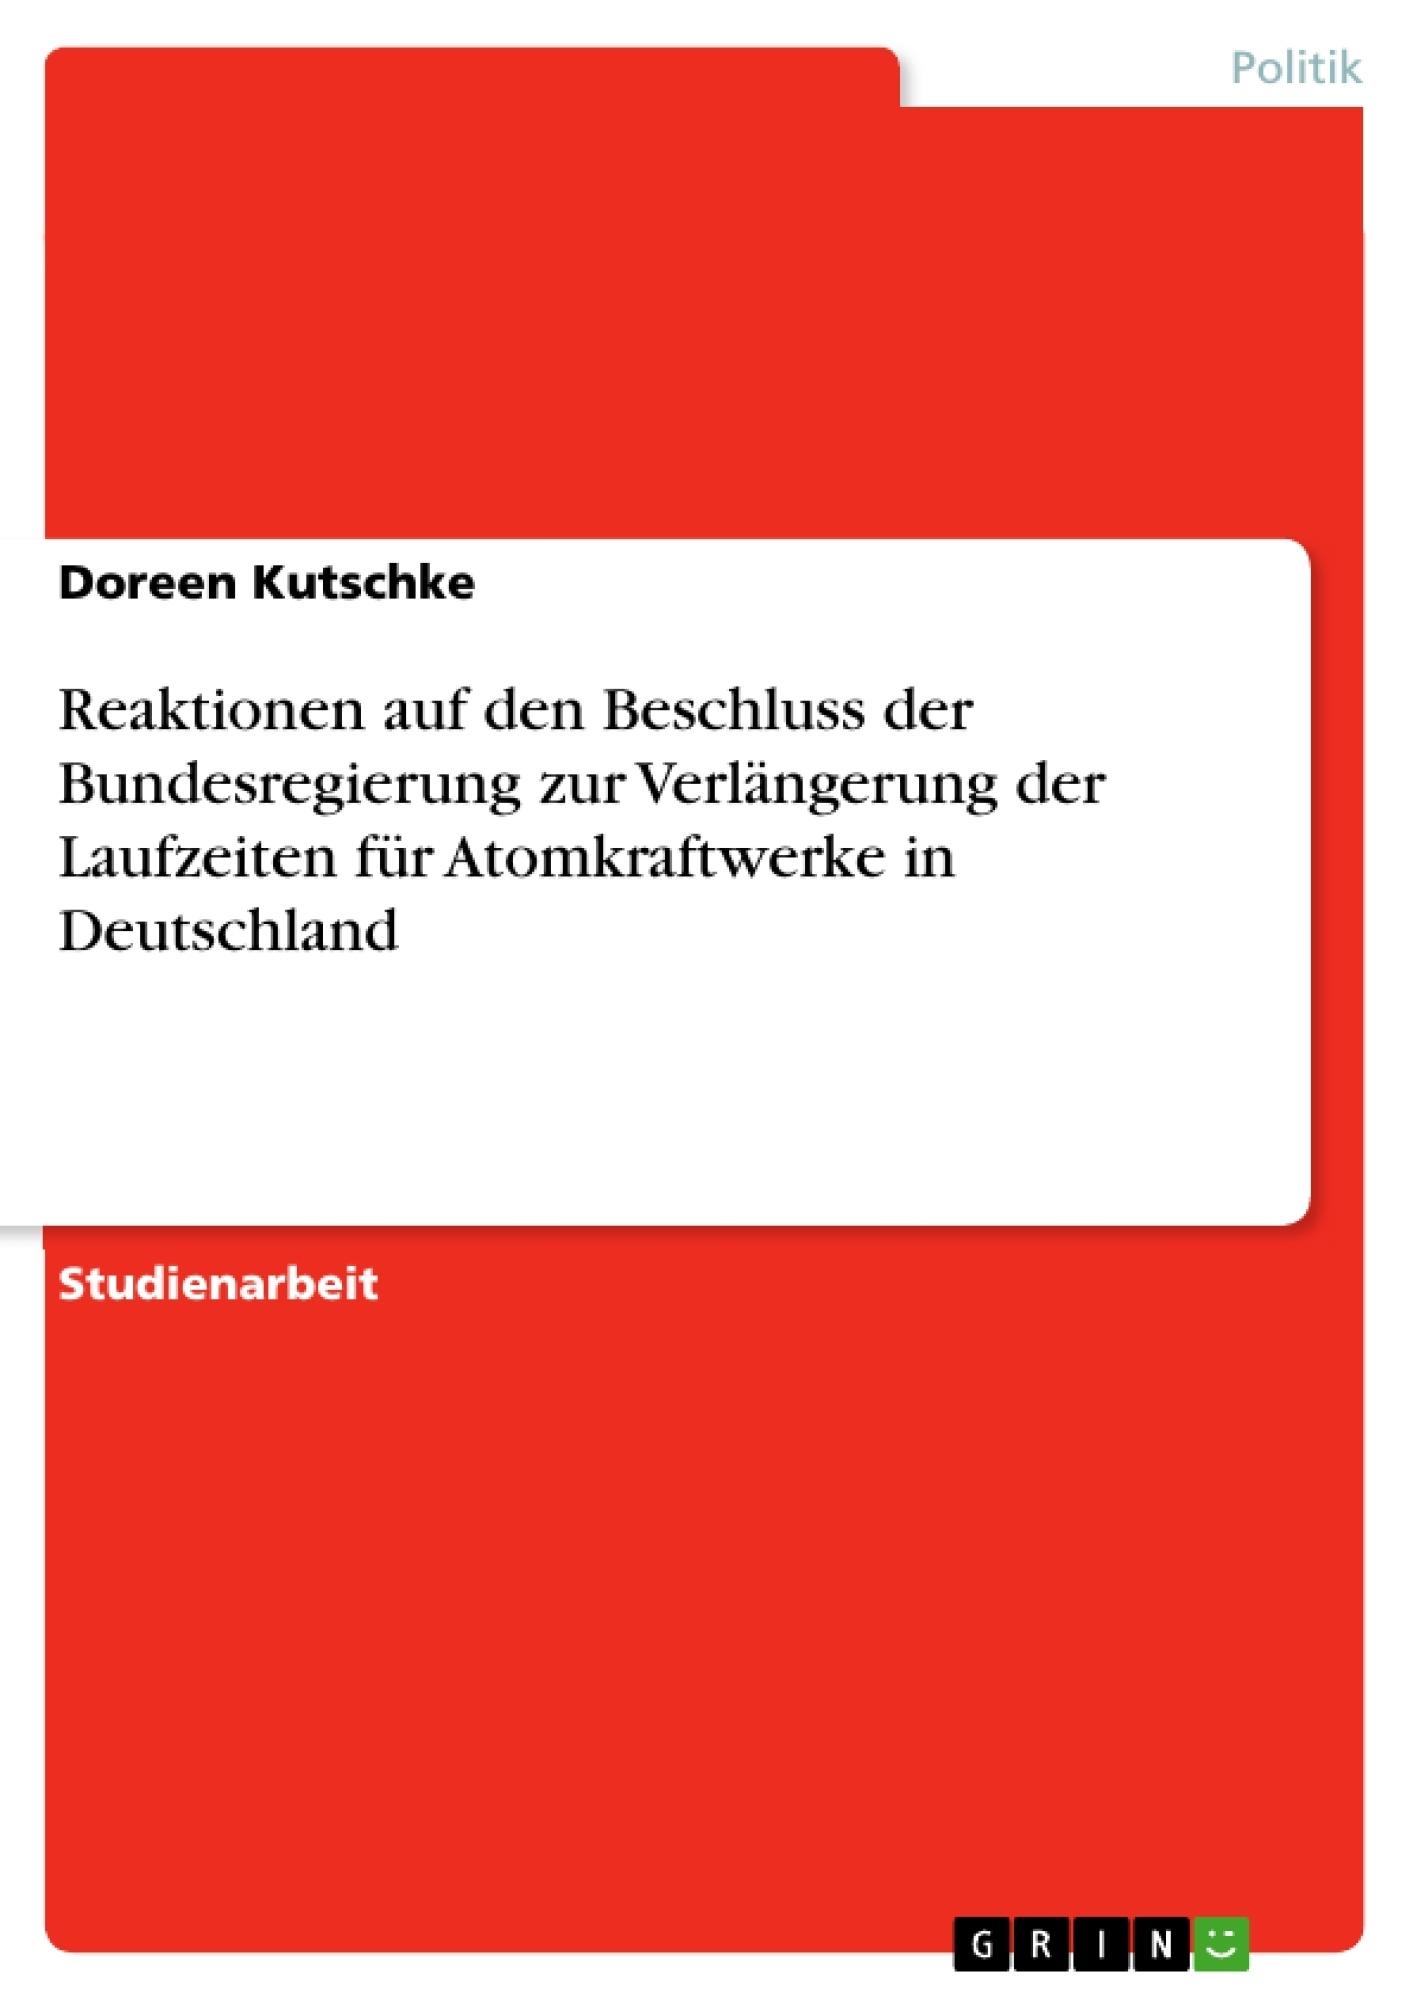 Titel: Reaktionen auf den Beschluss der Bundesregierung zur Verlängerung der Laufzeiten für Atomkraftwerke in Deutschland